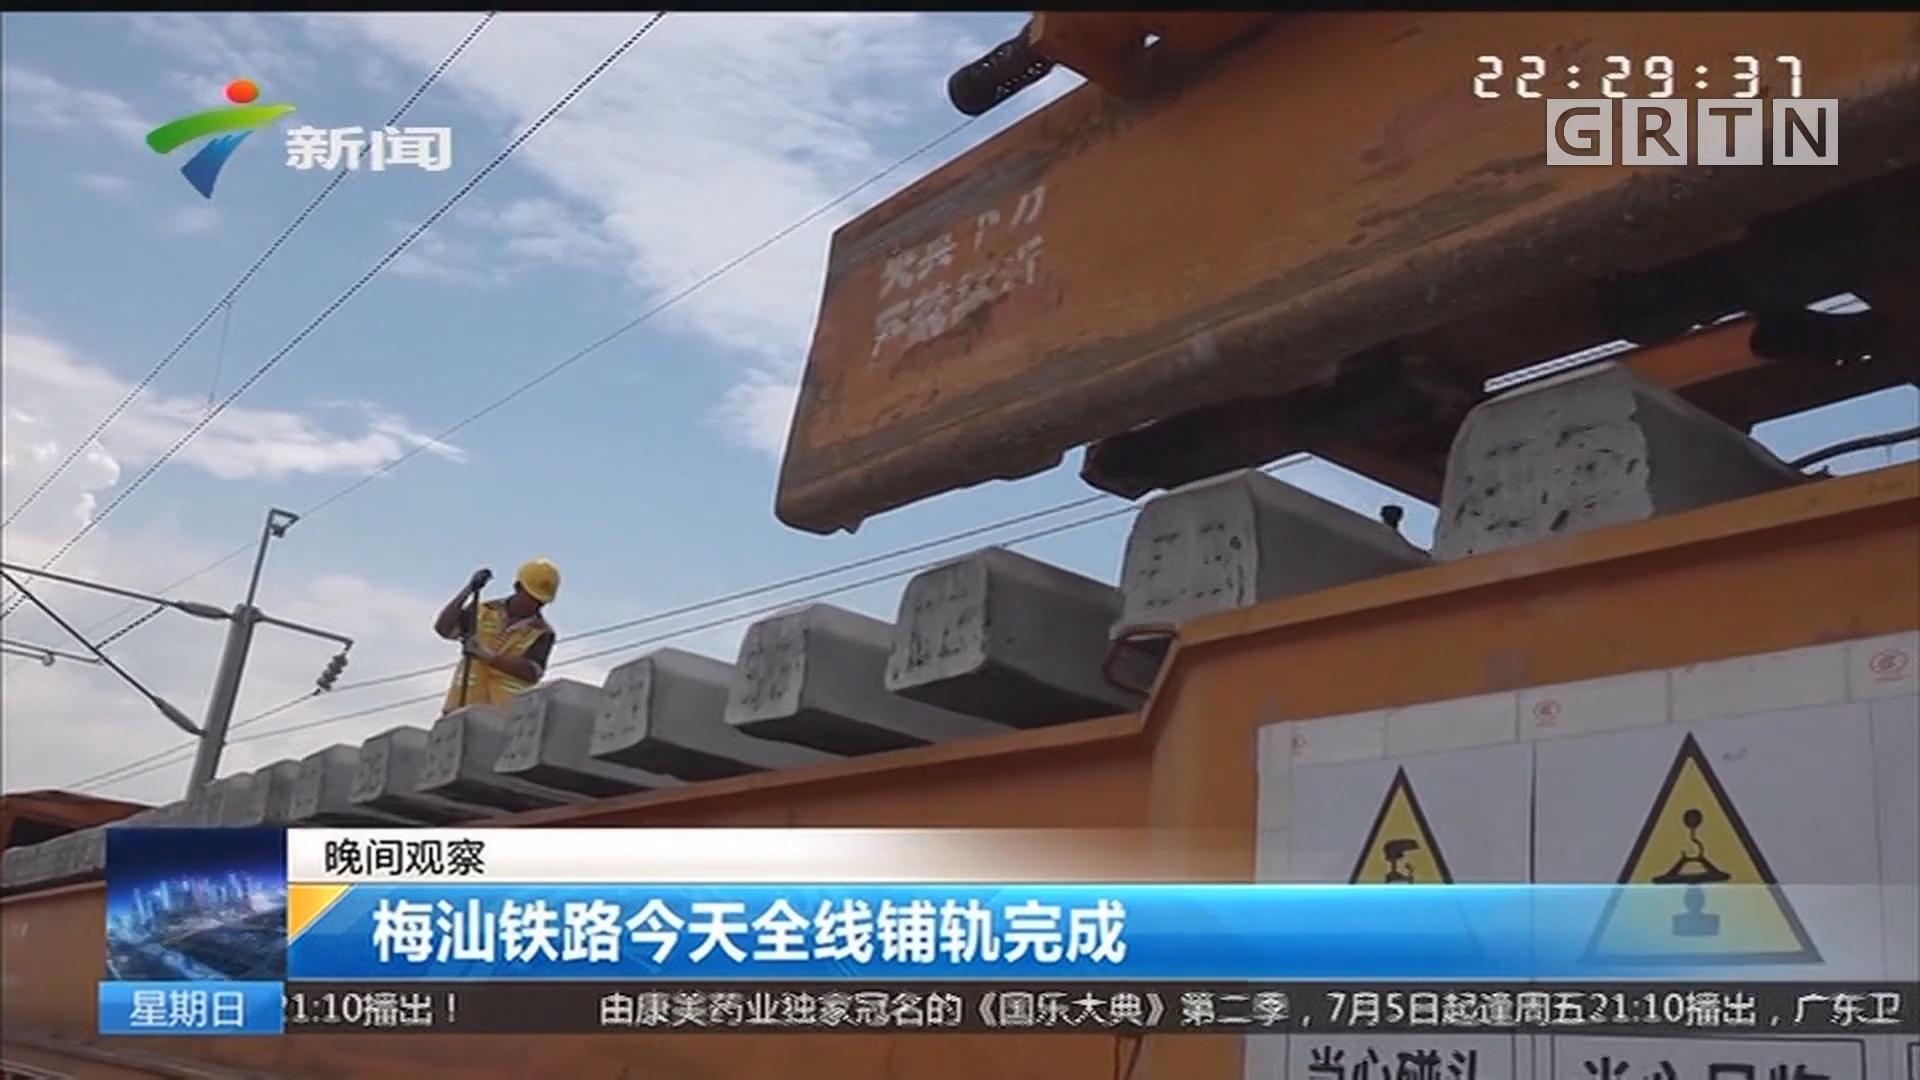 梅汕铁路今天全线铺轨完成